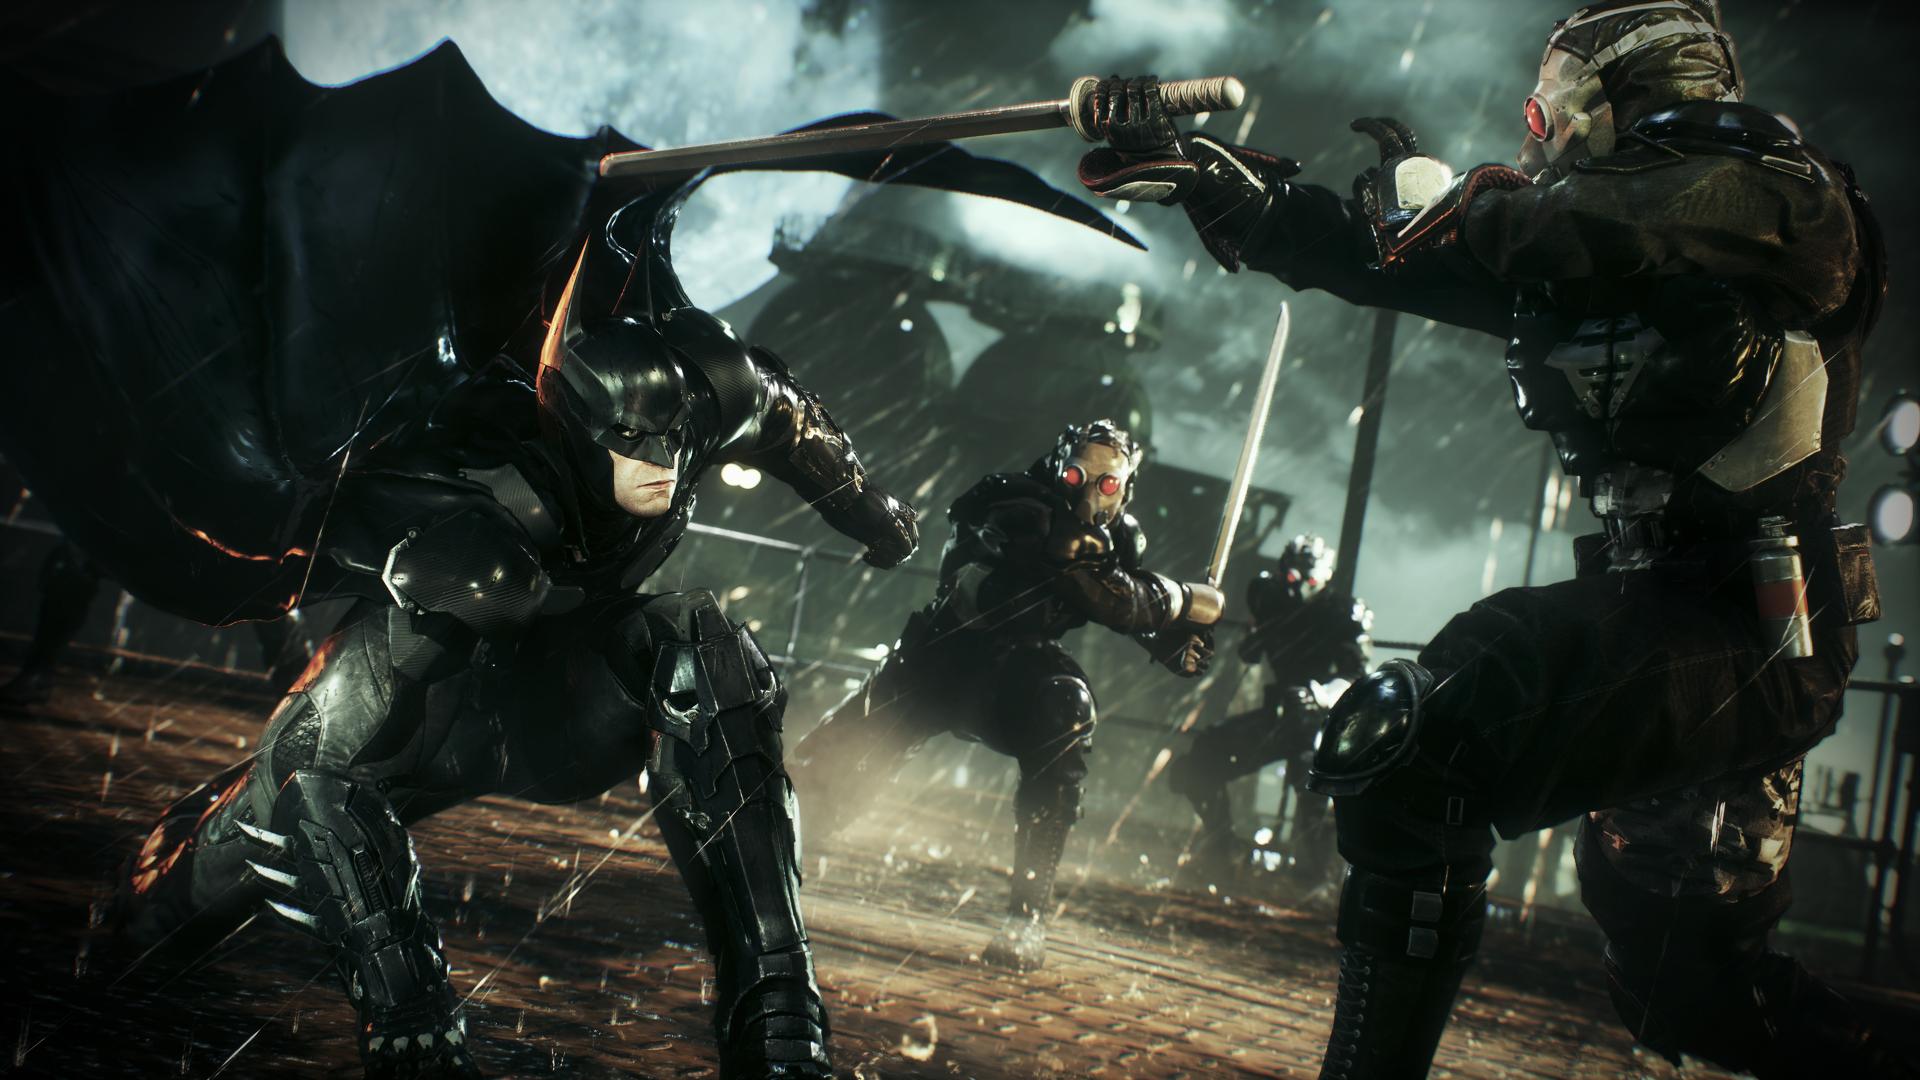 Výzvy s Batmobilem a další ukázky z nového Batmana 110684